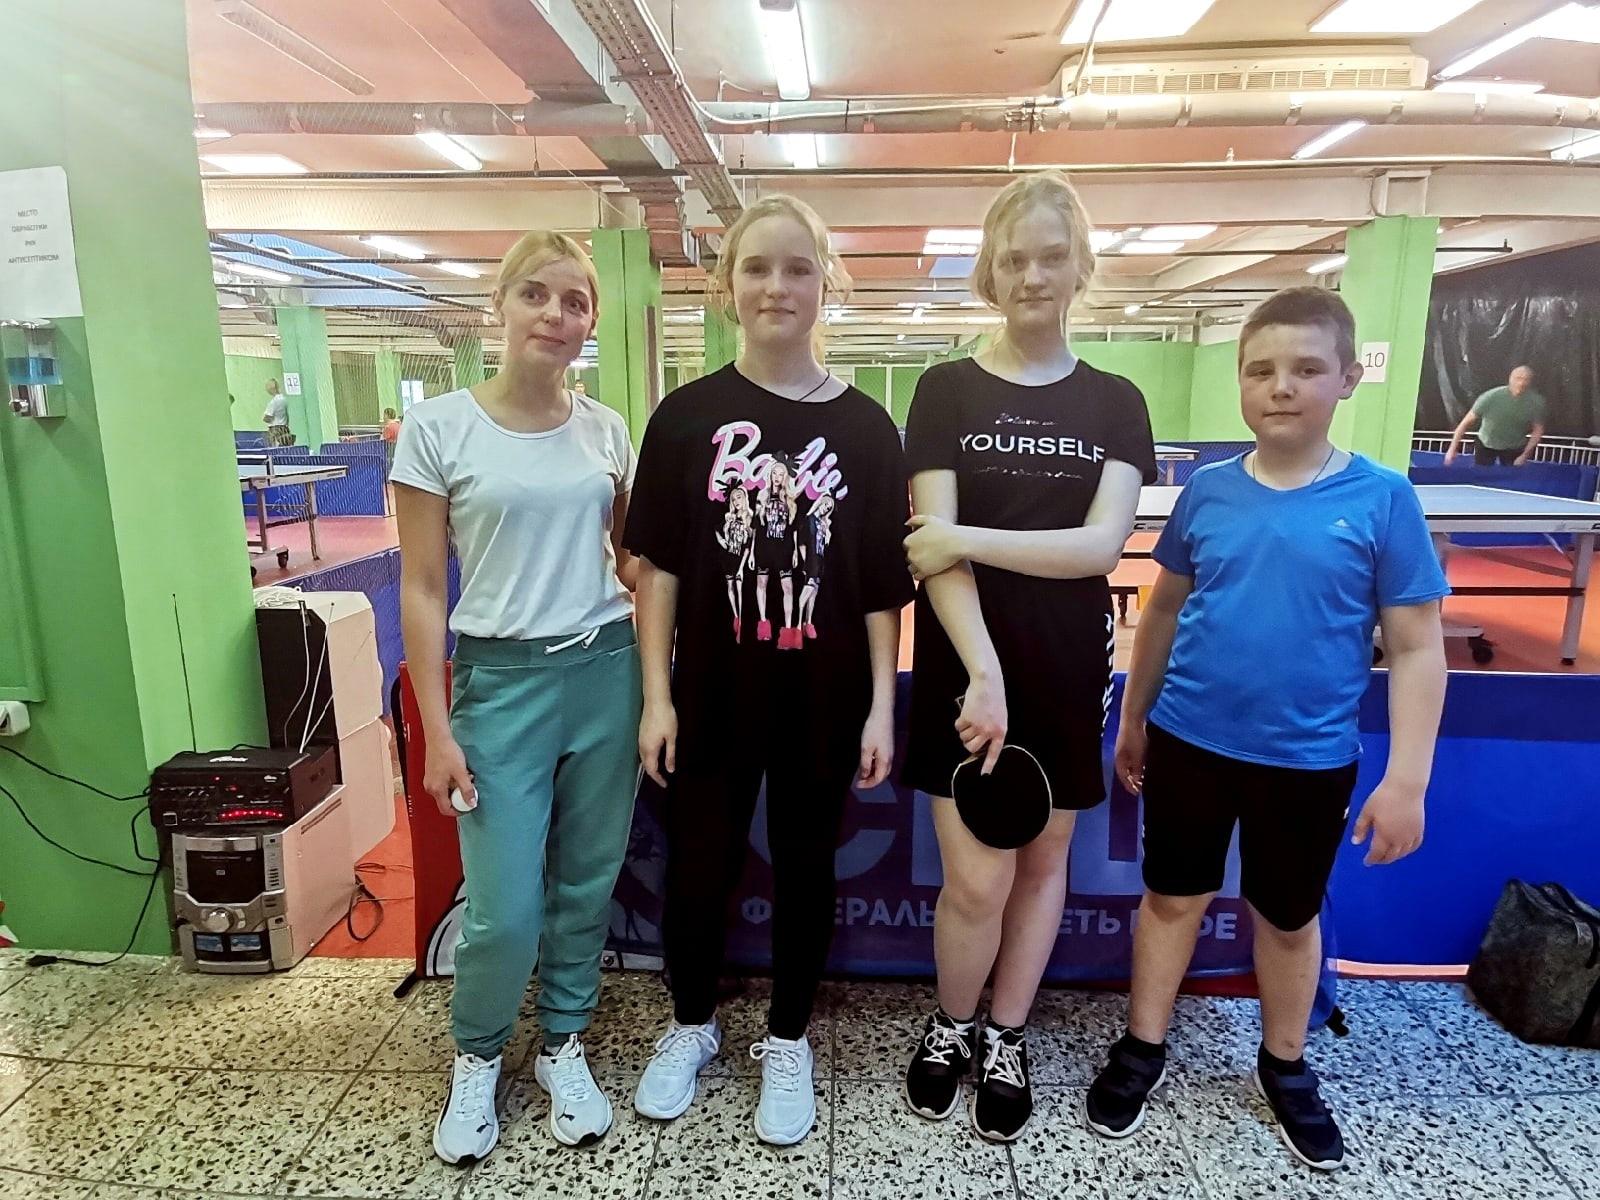 05 июня в Тульской Академии настольного тенниса прошёл Турнир по настольному теннису, посвященный Дню защиты детей.